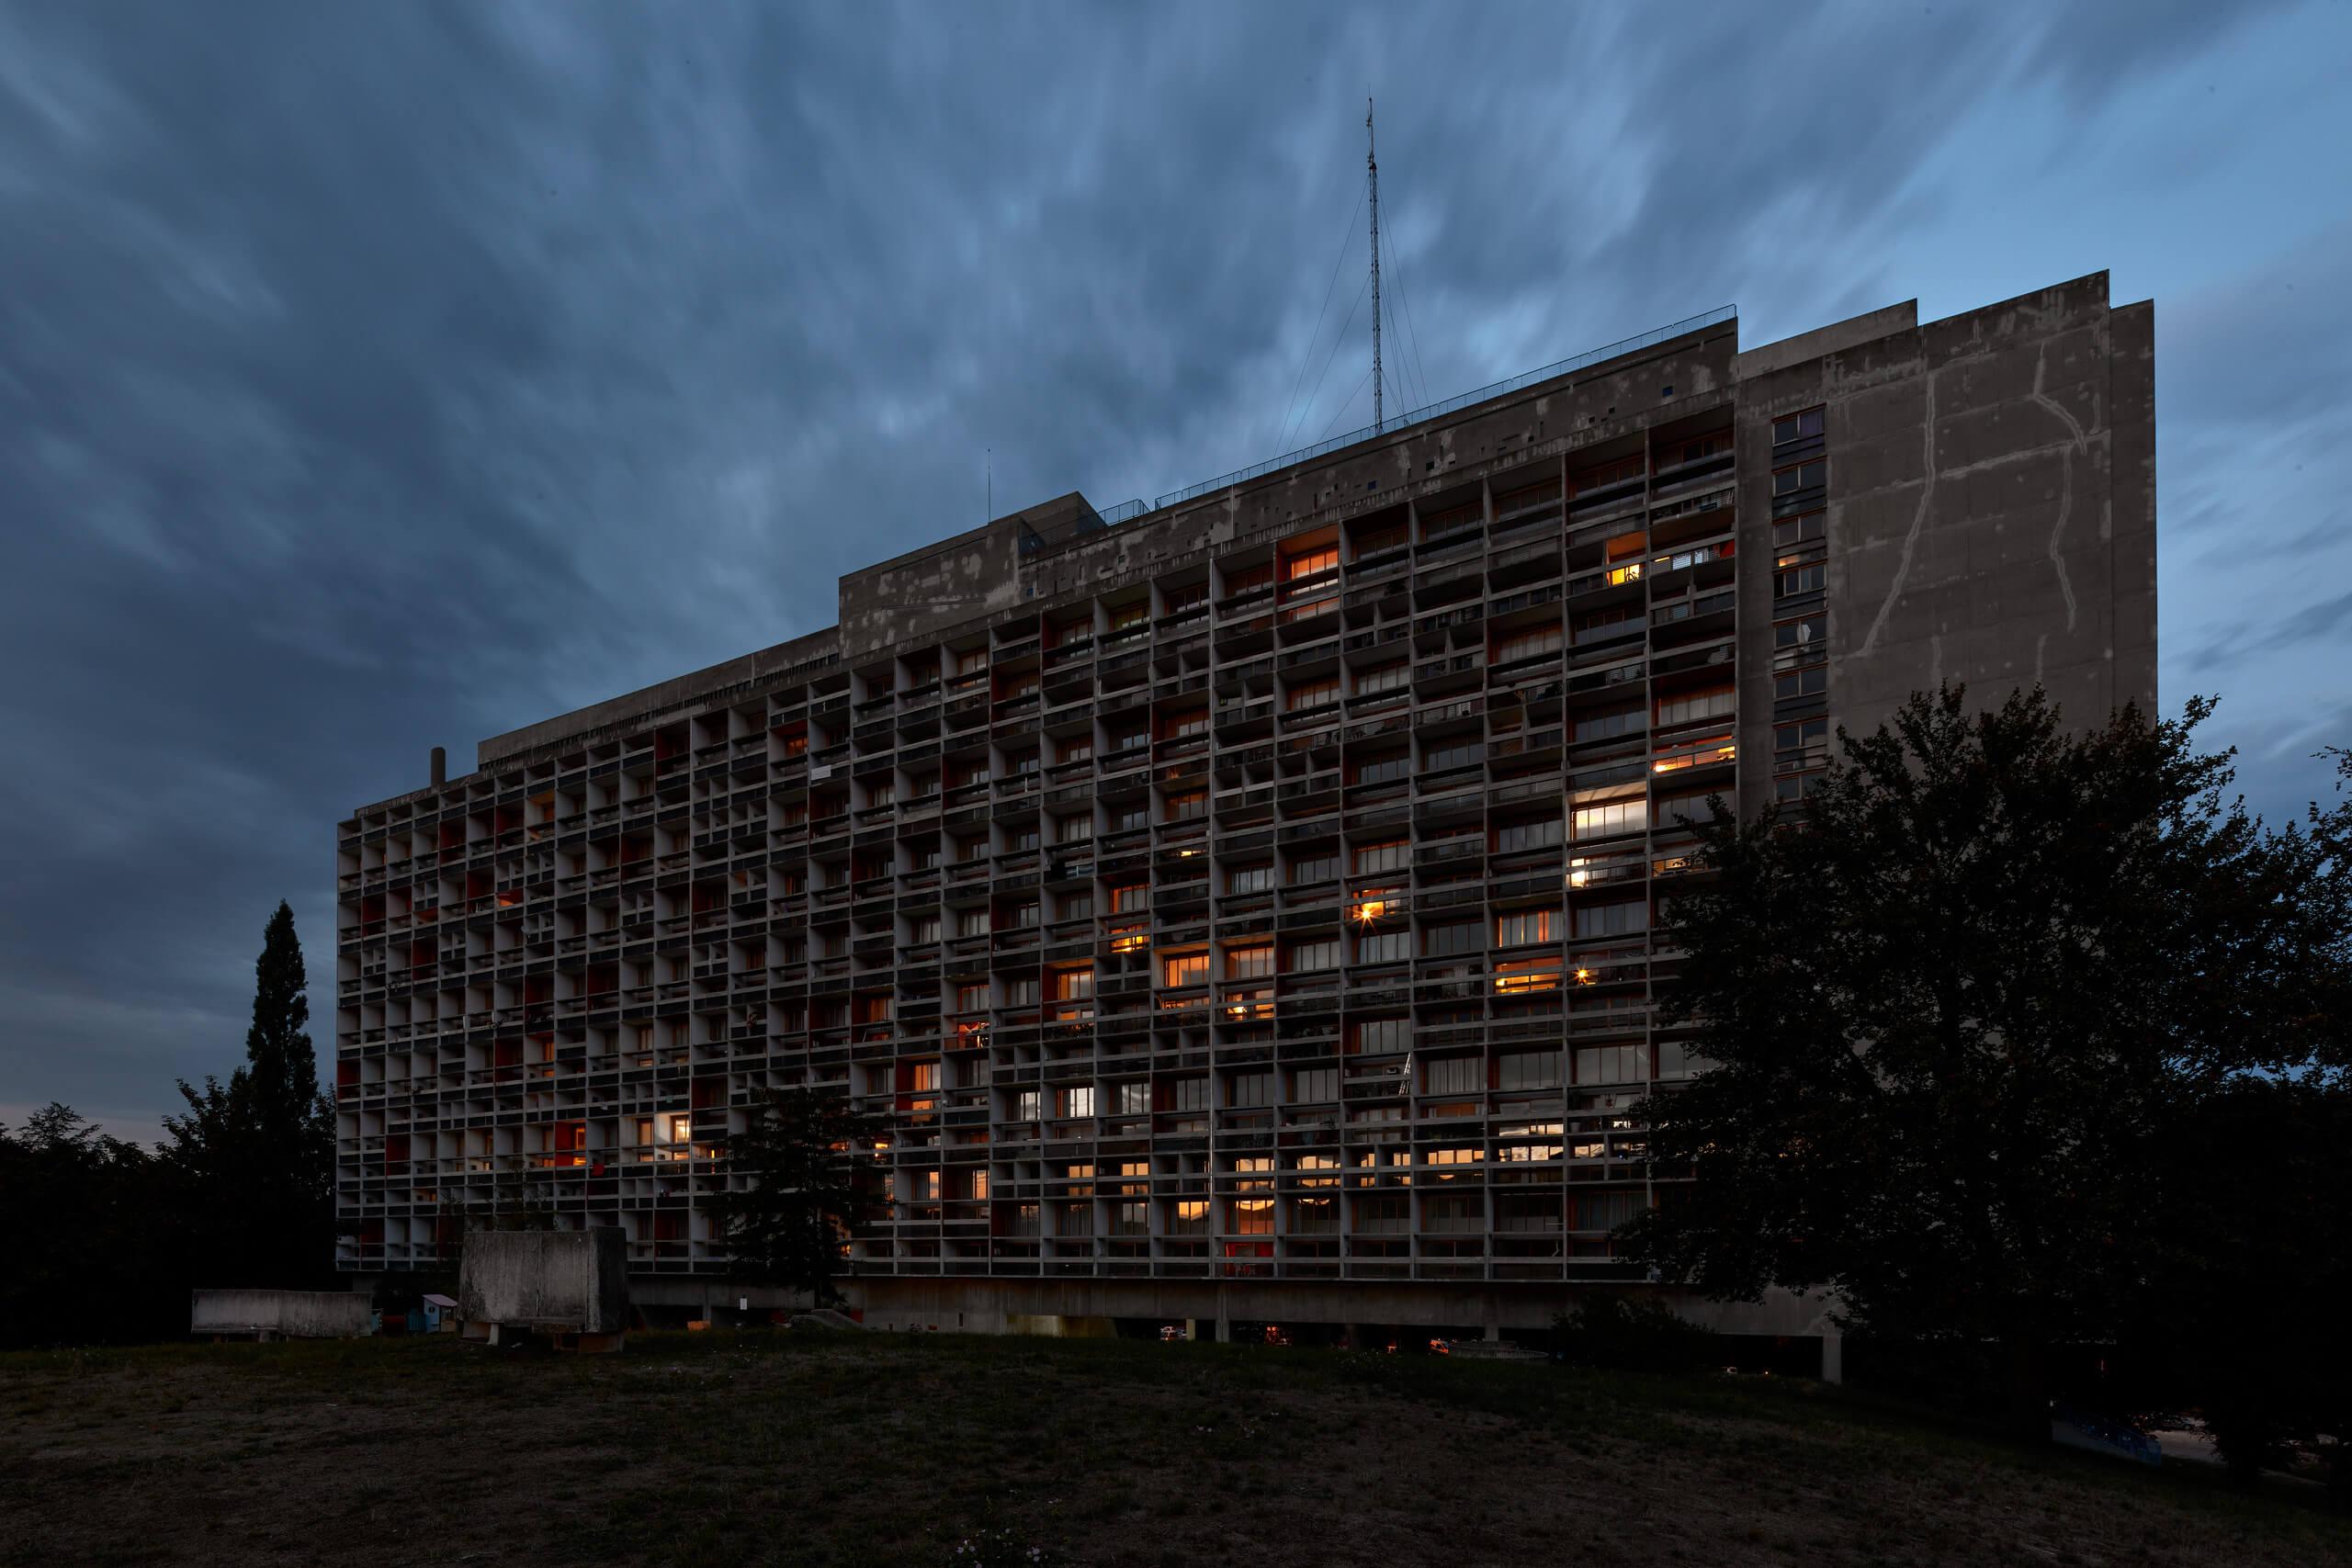 Federico_Covre_Unité_Firminy_Le_Corbusier_2018_73